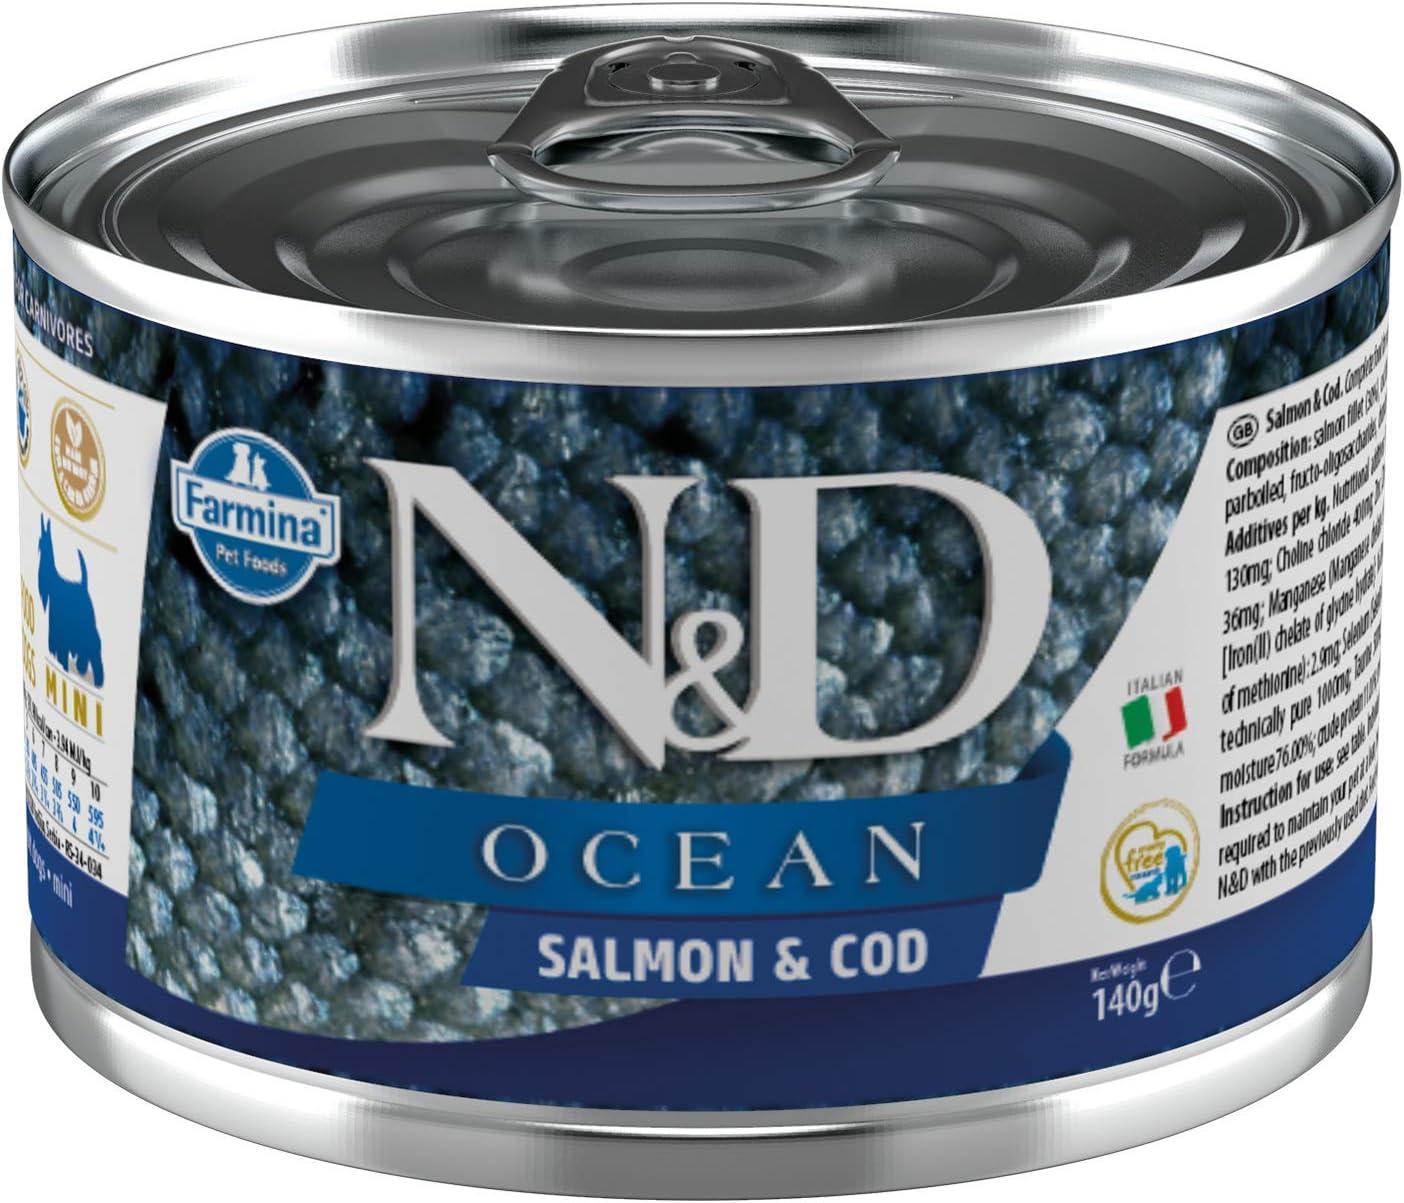 Farmina N&D Ocean Salmon & Cod Canned Adult Dog Food 4.9 Ounces, case of 6